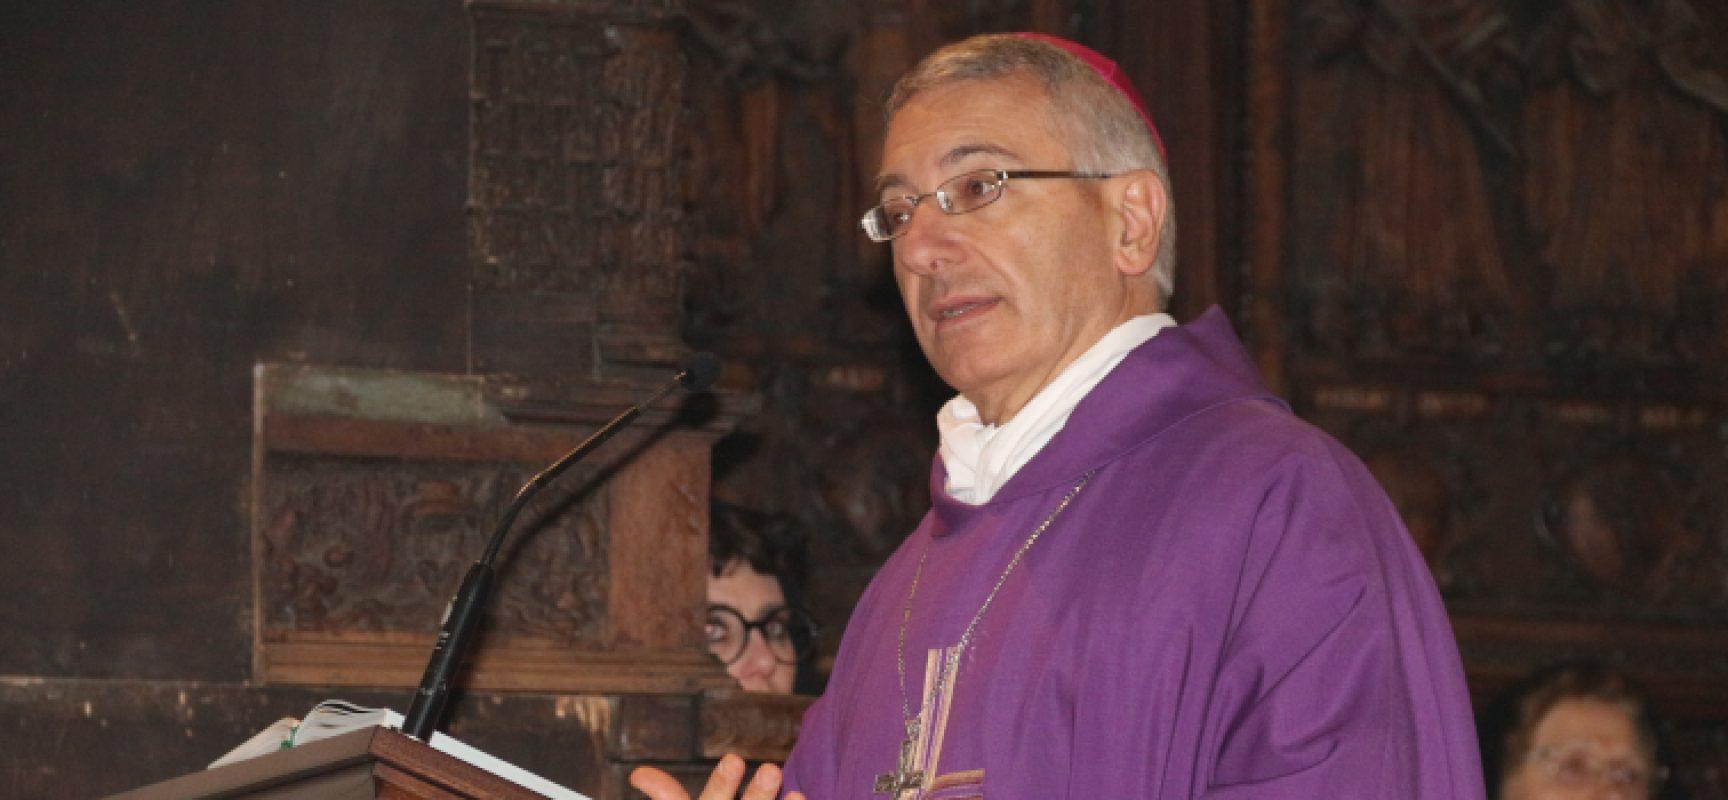 Celebrazione del primo anniversario dell'ordinazione episcopale di Mons. D'Ascenzo